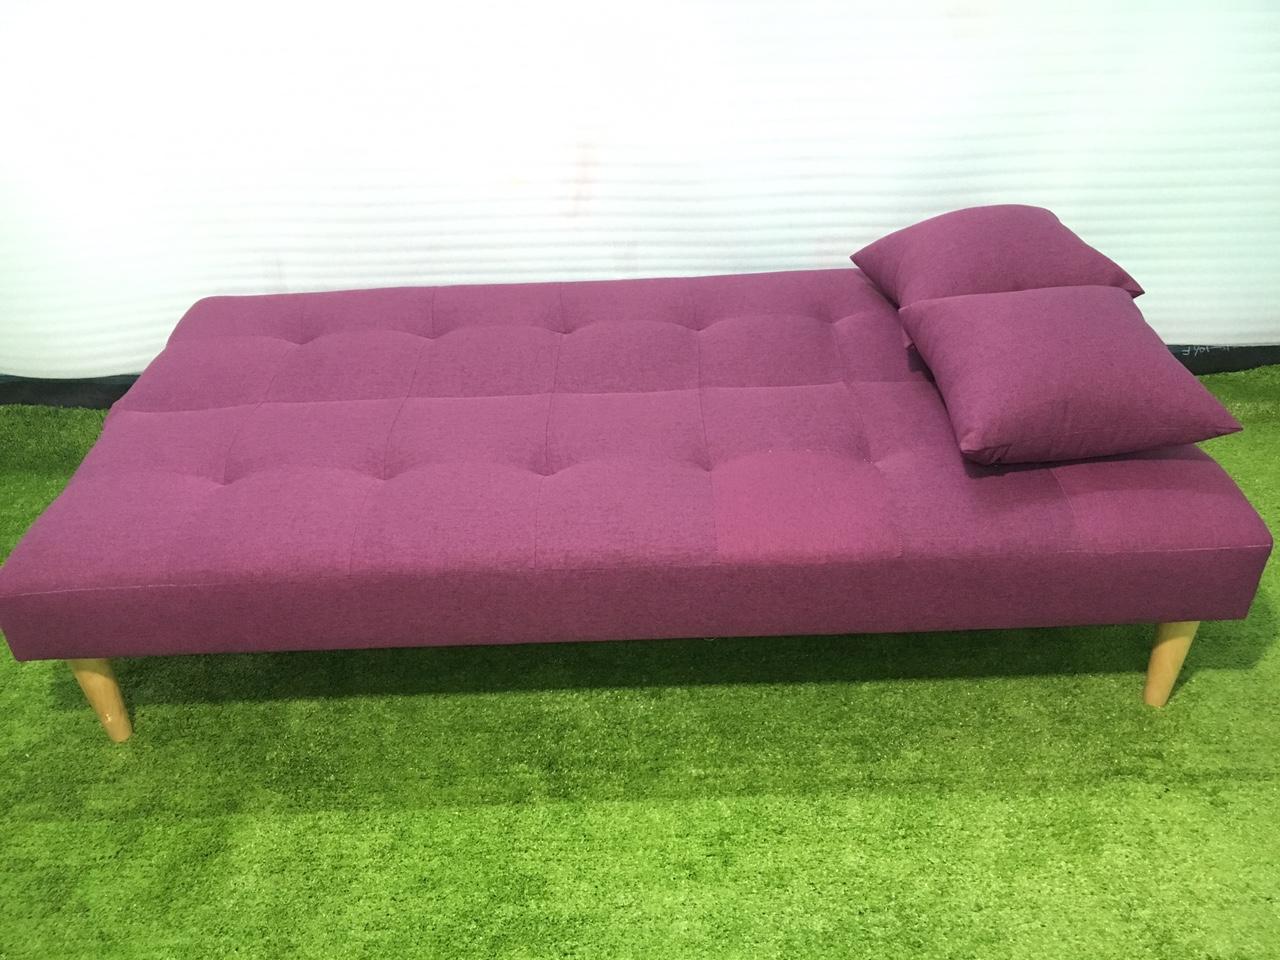 Ghế sofa bed bố tím BT 1m7x90, sofa giường phòng khách, salon, sopha, sa lông, sô pha